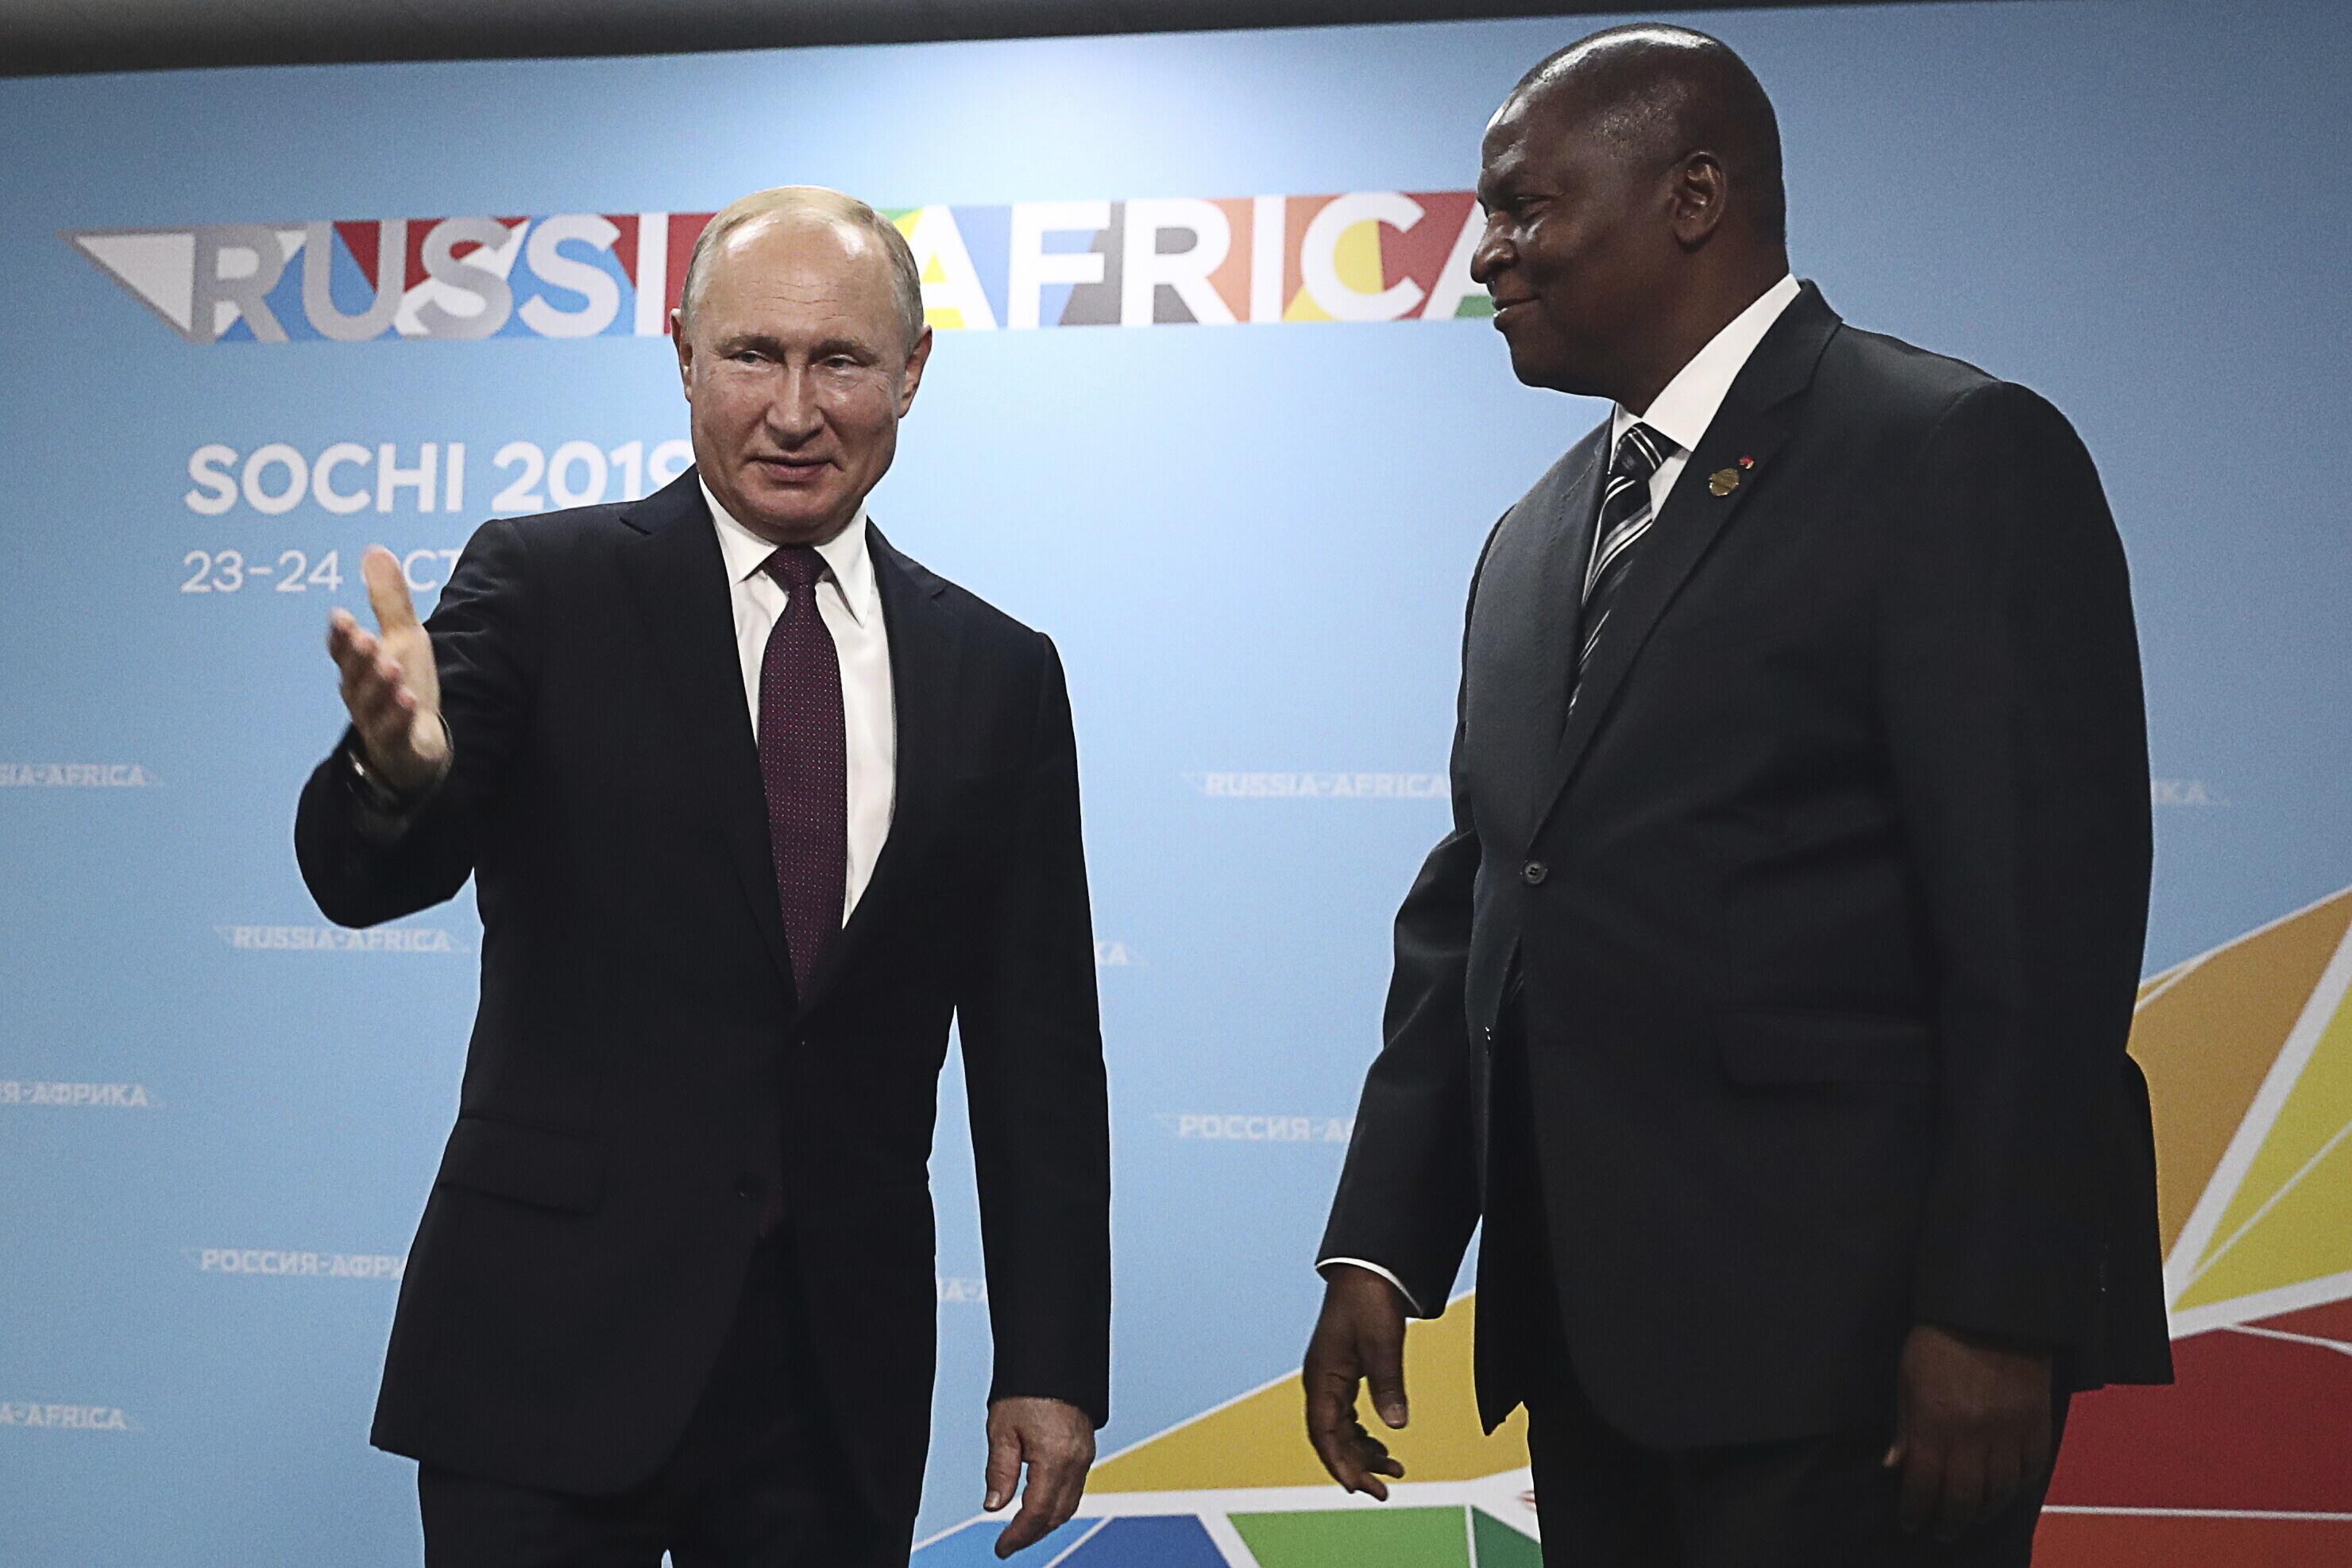 Vladimir Poutine et Faustin-Archange Touadéra, lors du sommet de Sotchi en Russie, le 23 octobre 2019.